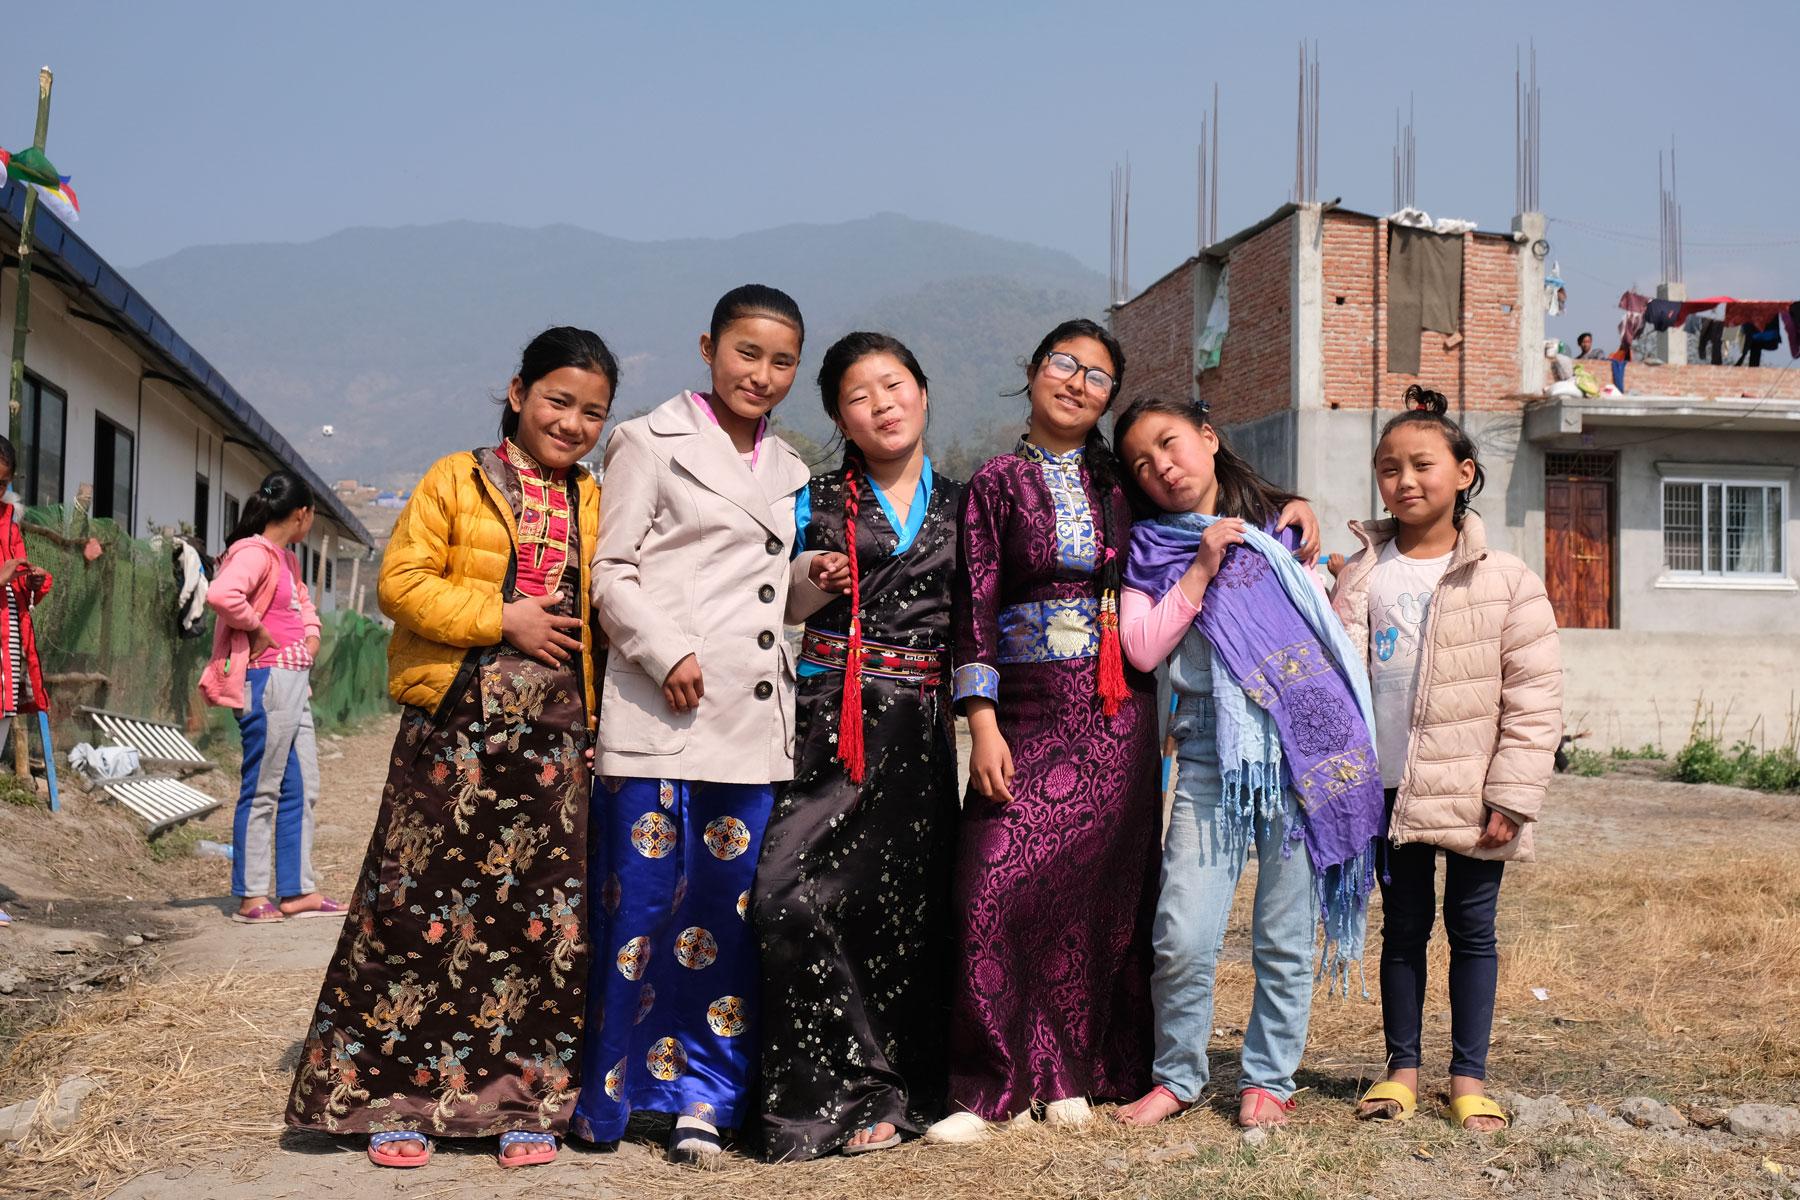 Nepalesische Mädchen in bunten Kleidern.